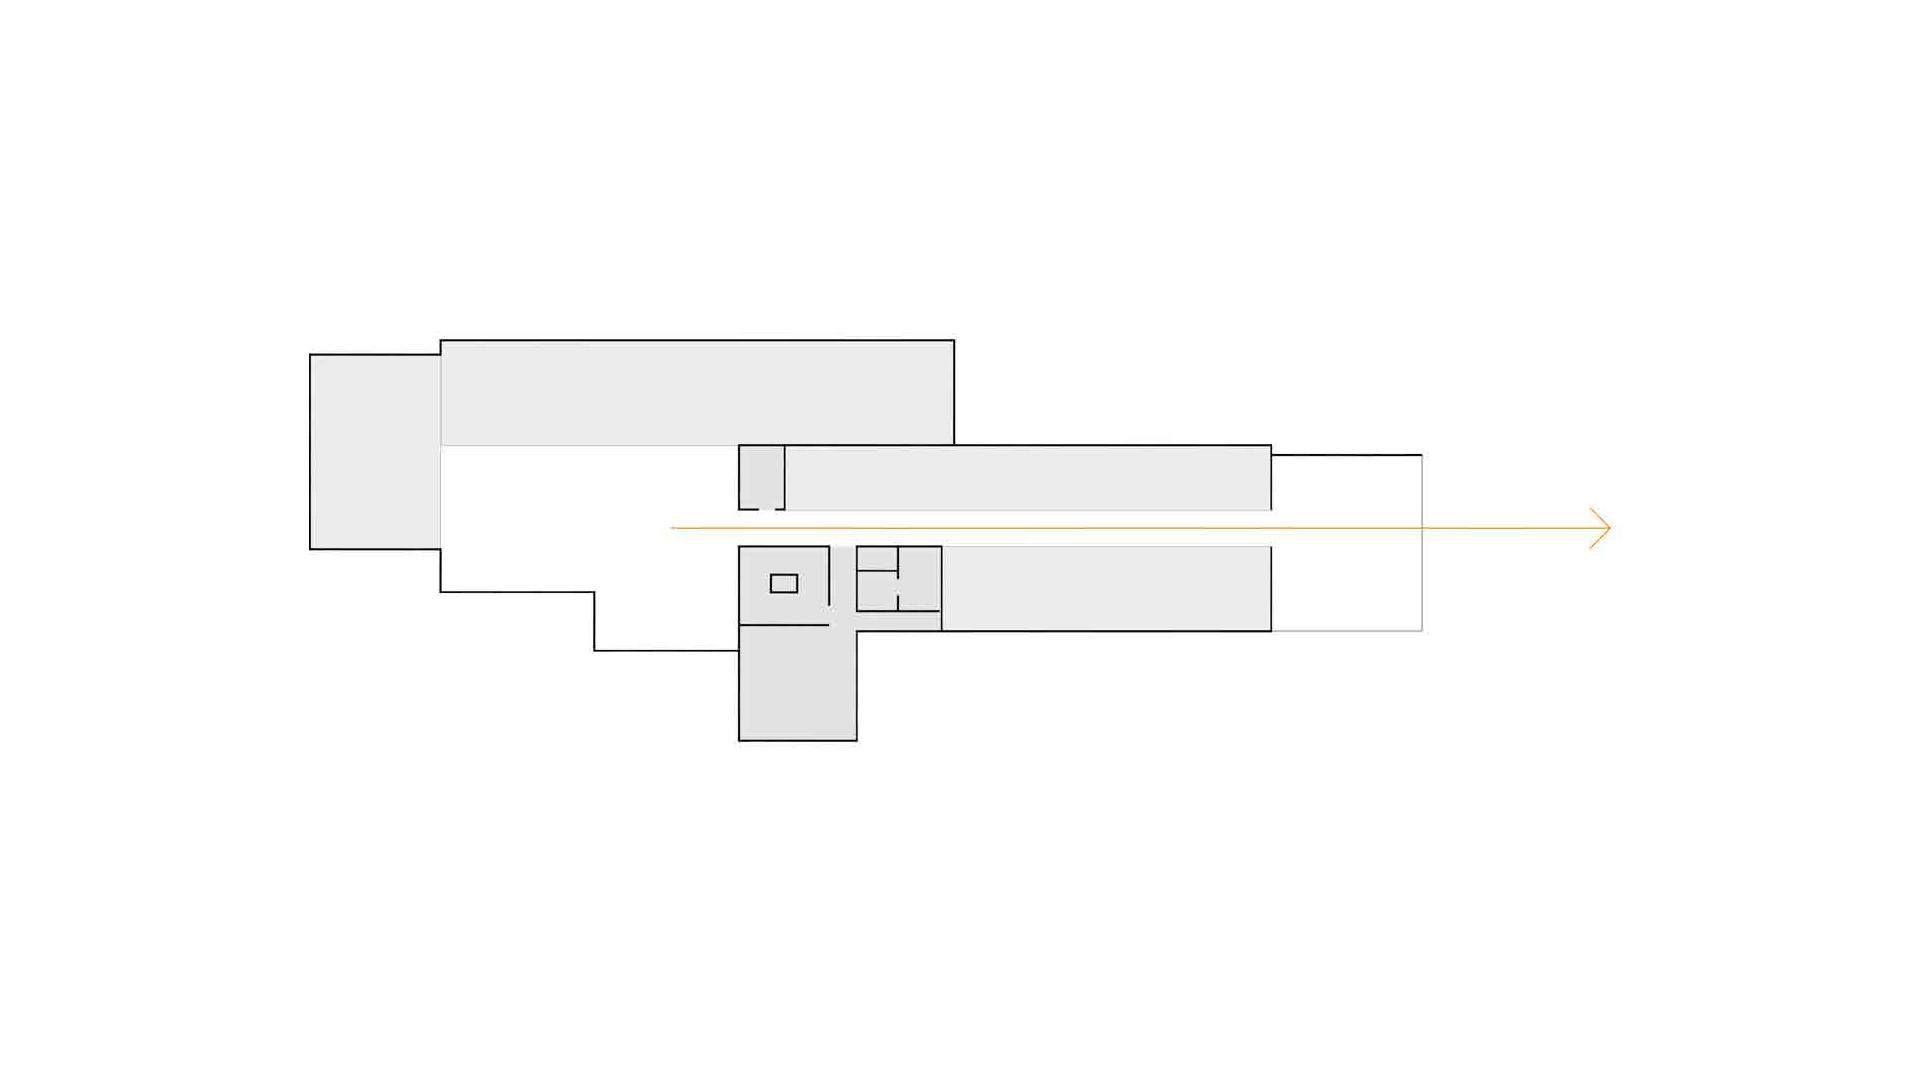 spa-botanique-diagrama-circulacao